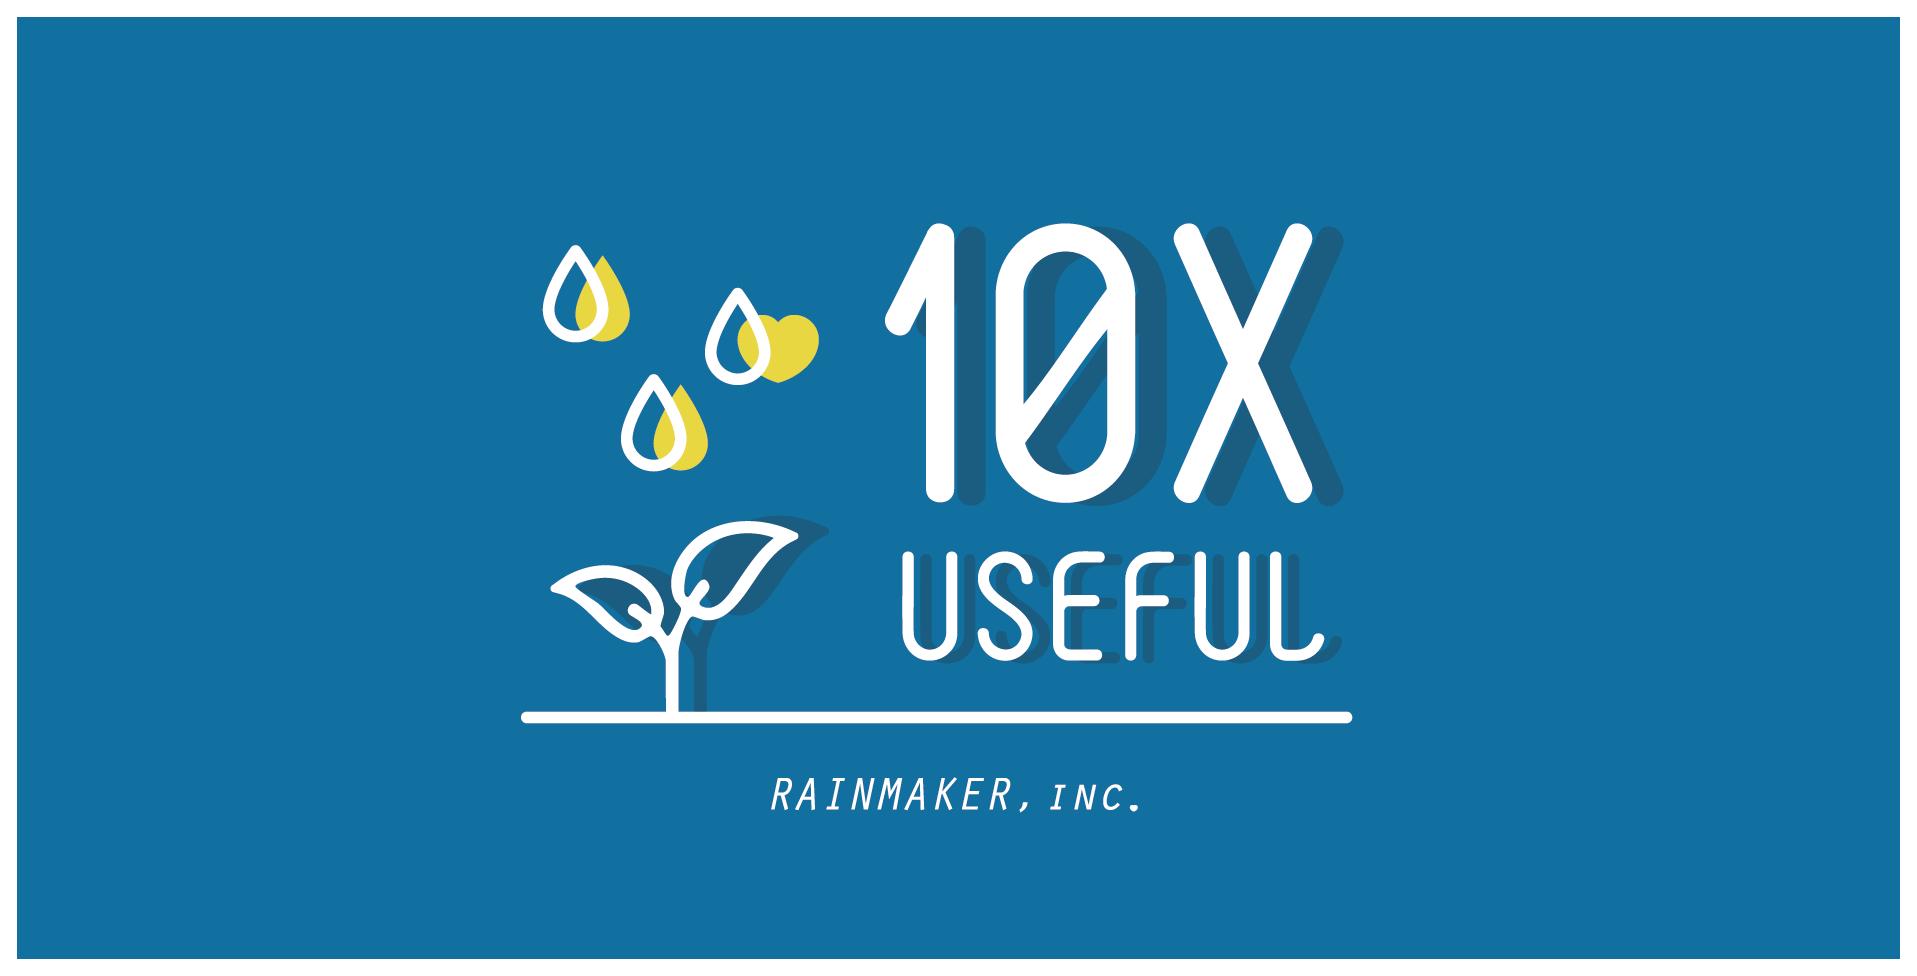 10X_3 レインメーカー株式会社